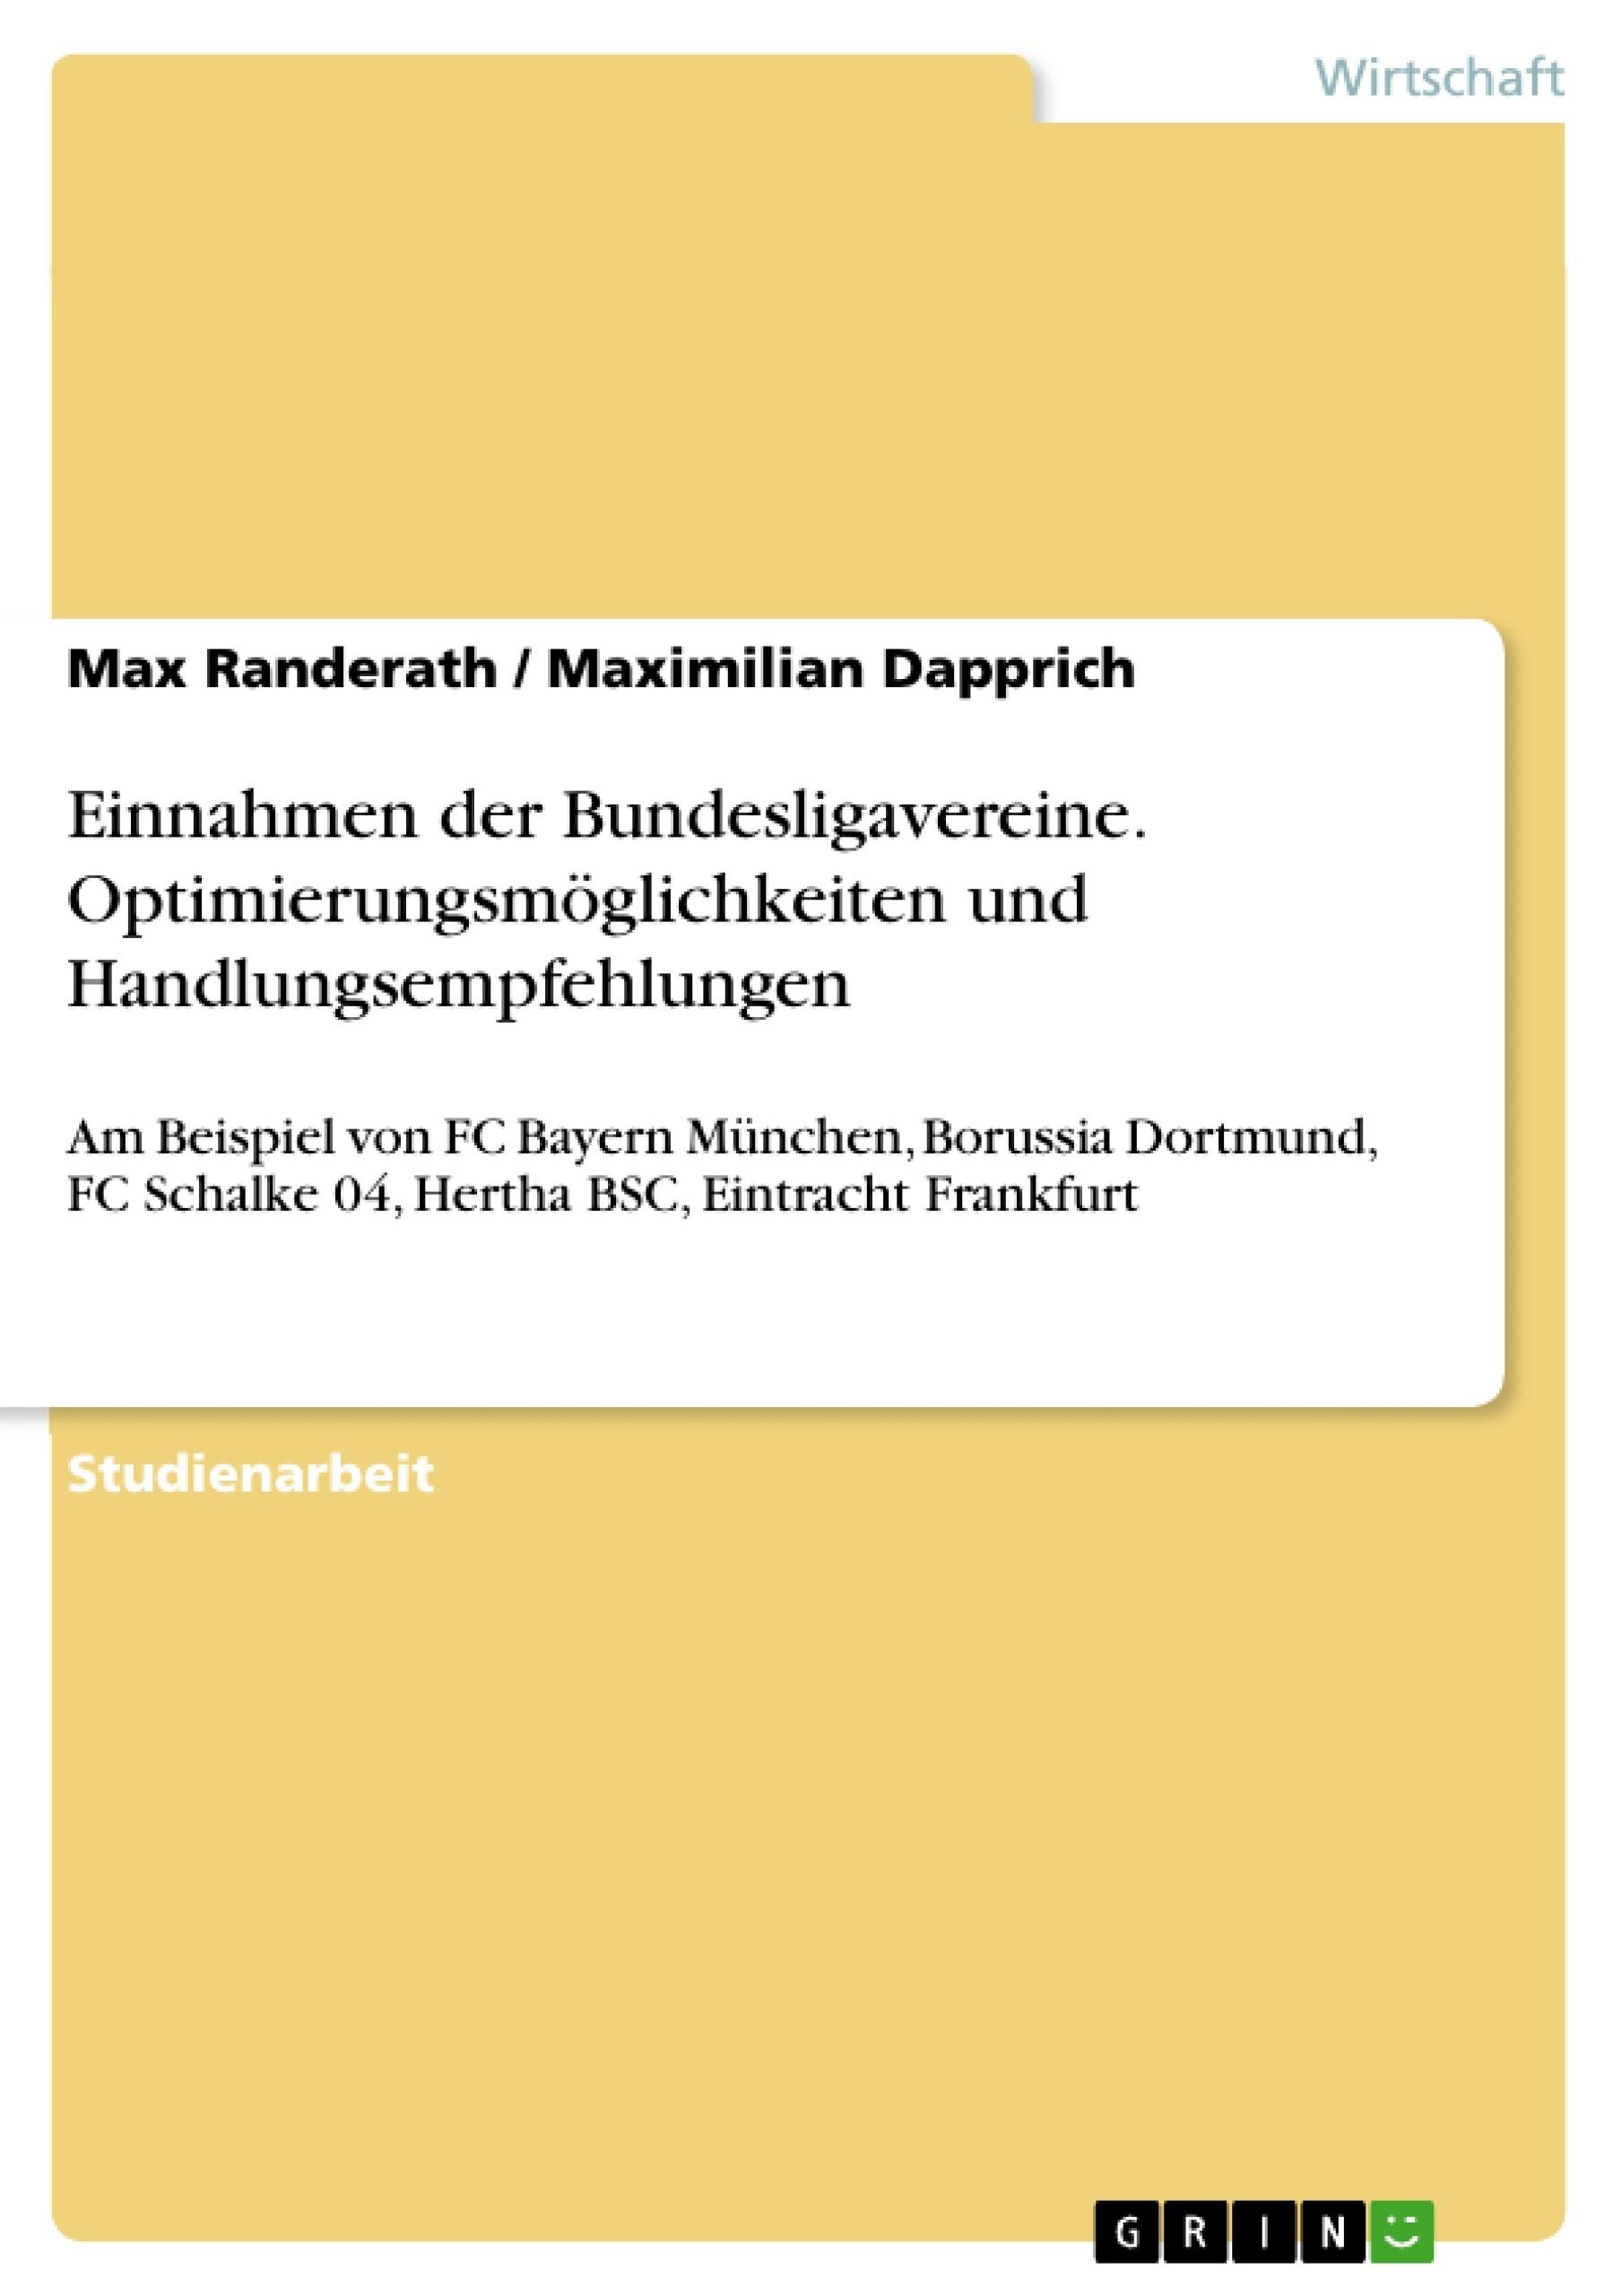 Titel: Einnahmen der Bundesligavereine. Optimierungsmöglichkeiten und Handlungsempfehlungen